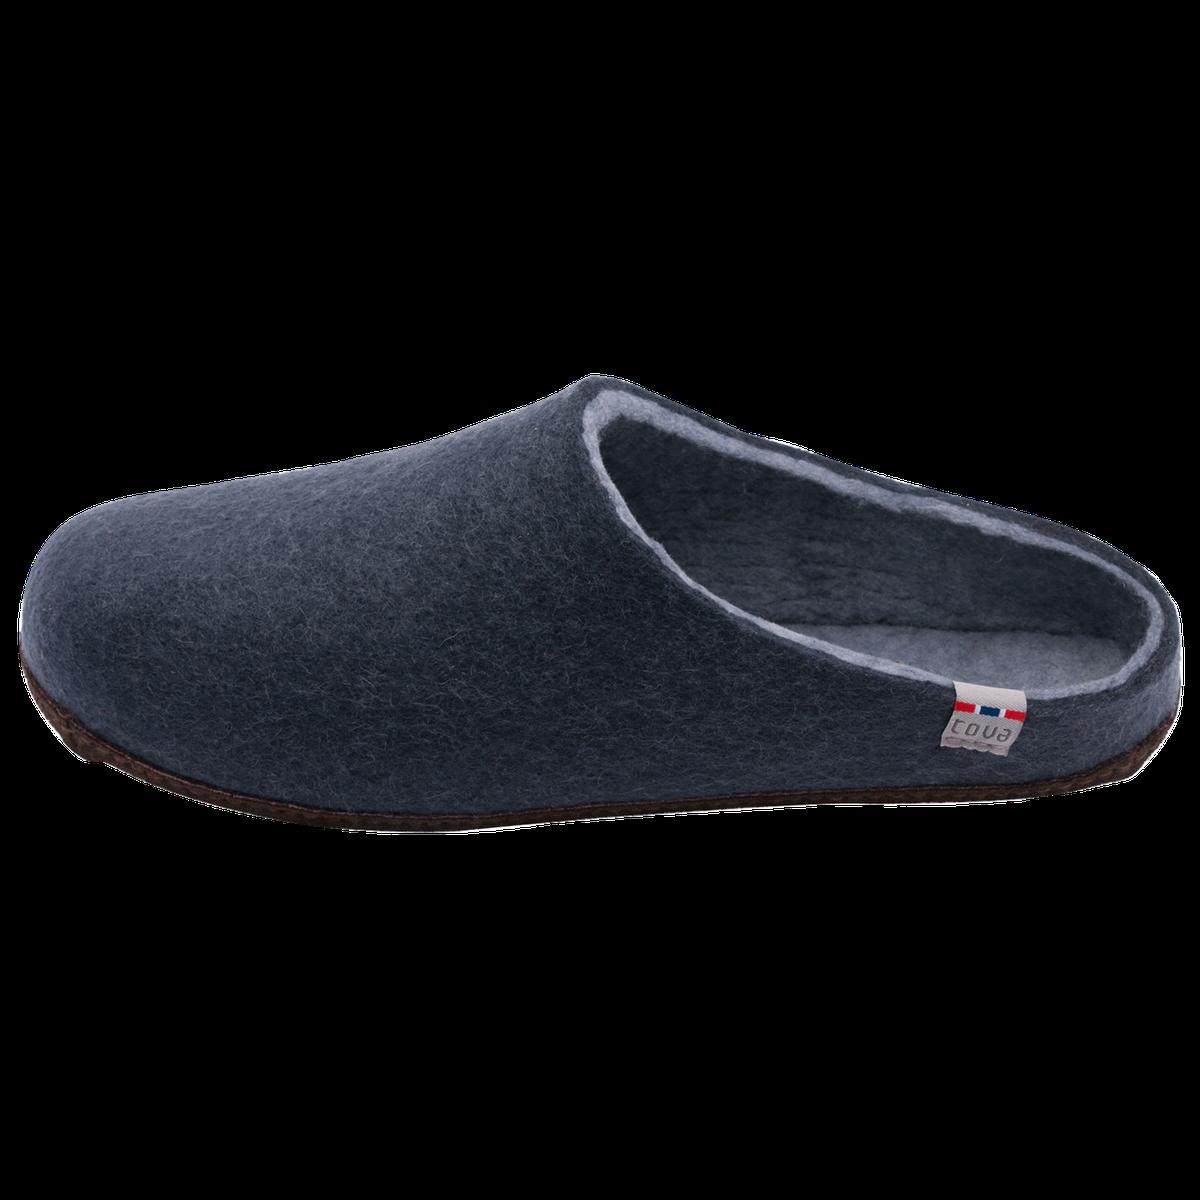 aa4e06158b20 Tova Slippers